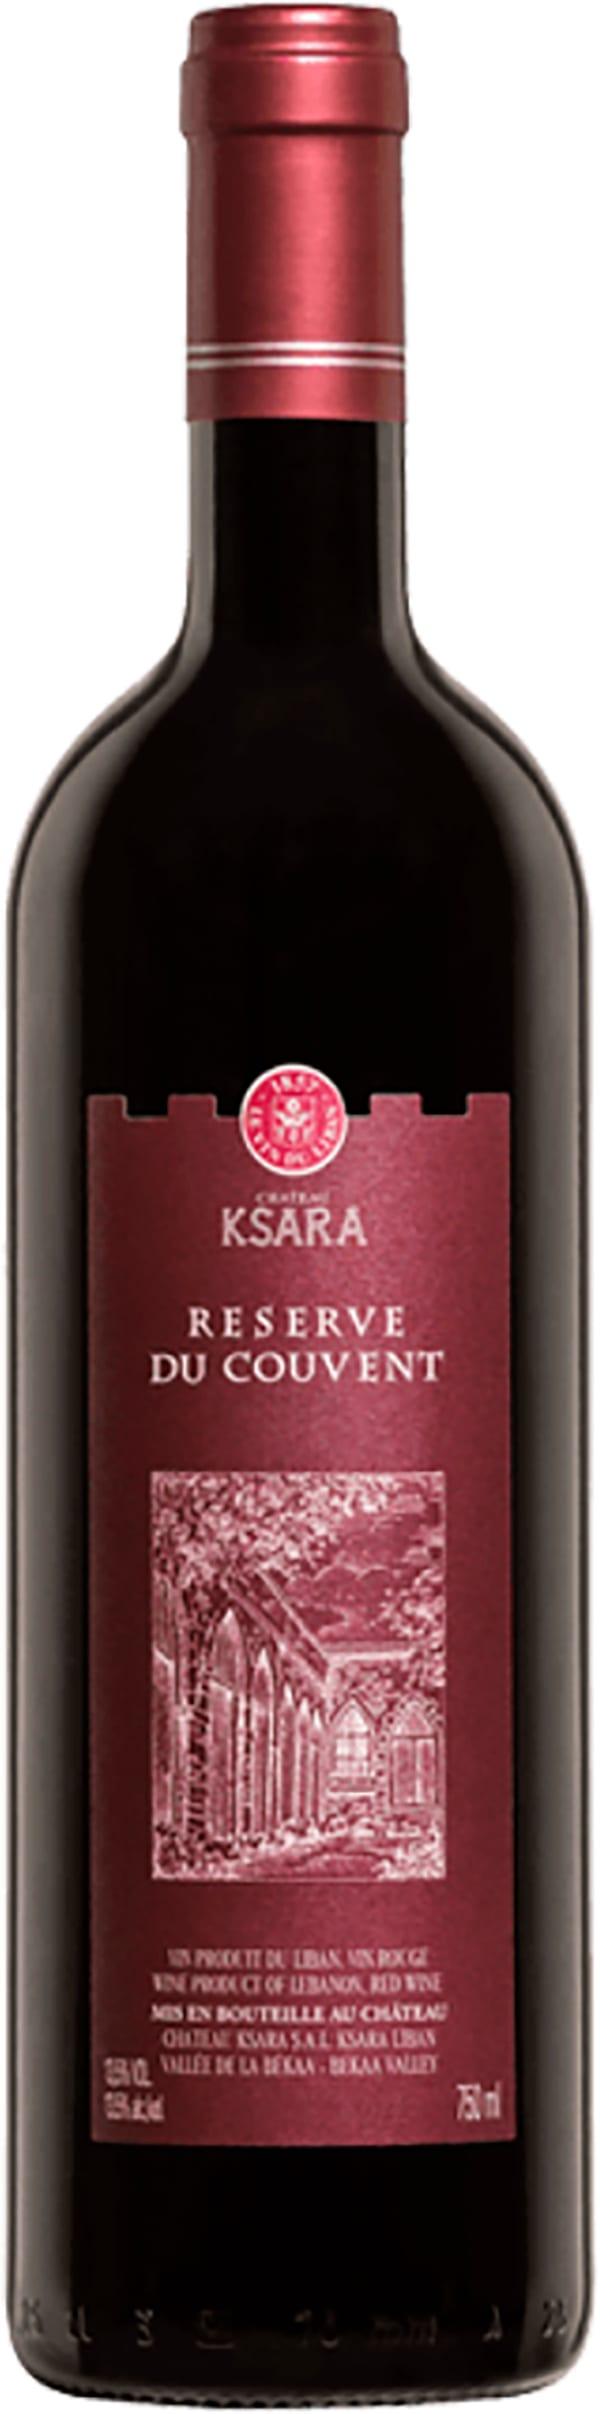 Château Ksara Reserve du Couvent 2016